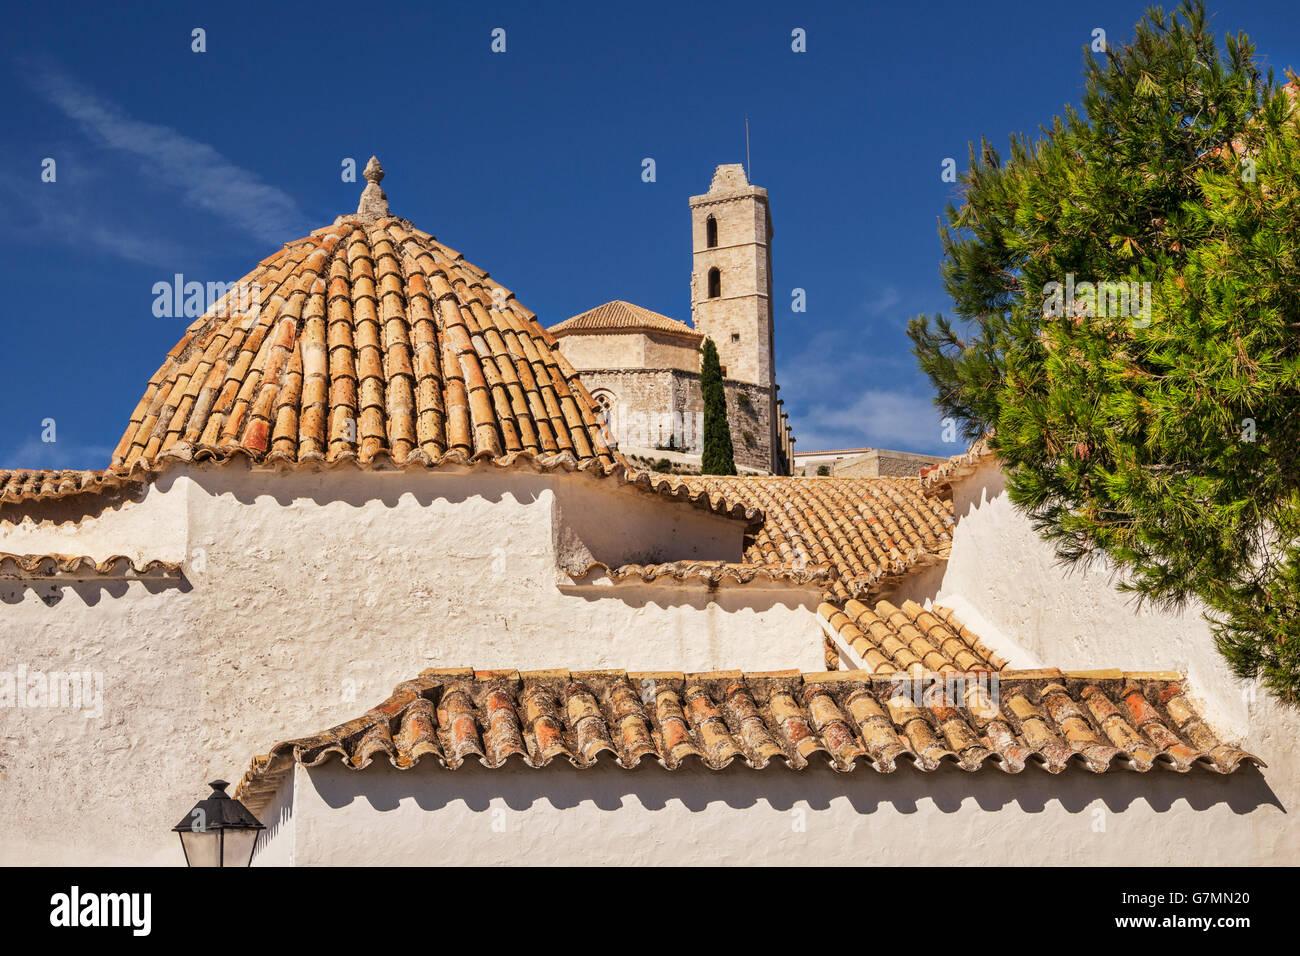 Dächer von Dalt Vila, der Altstadt von Ibiza-Stadt, dominiert von der Kathedrale, Ibiza, Spanien. Stockbild